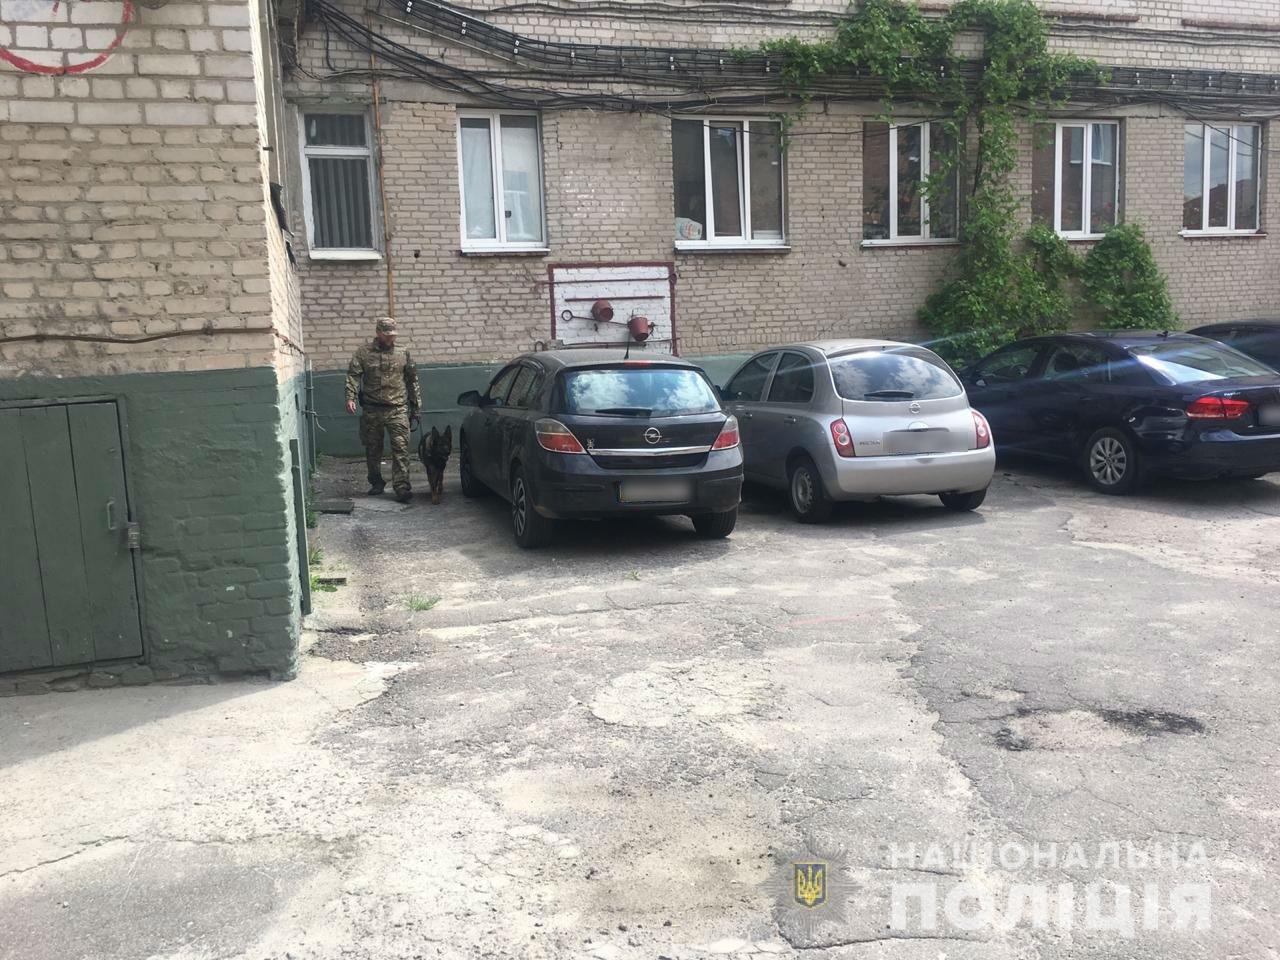 «Минирование» харьковского колледжа: полицейские эвакуировали 900 человек, - ФОТО, фото-4